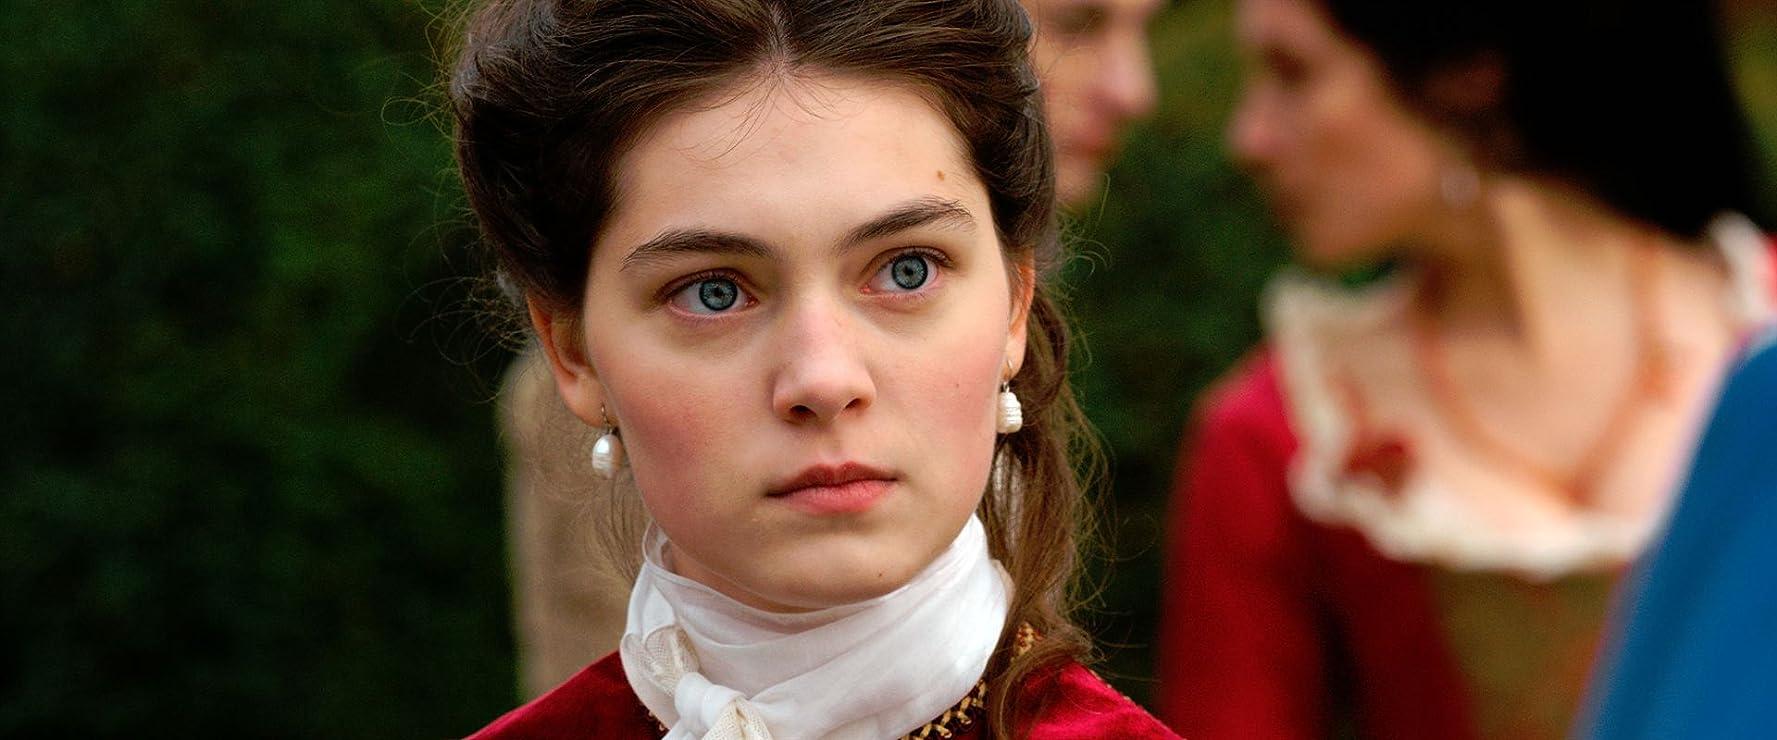 Anamaria Vartolomei in L'échange des princesses (2017)